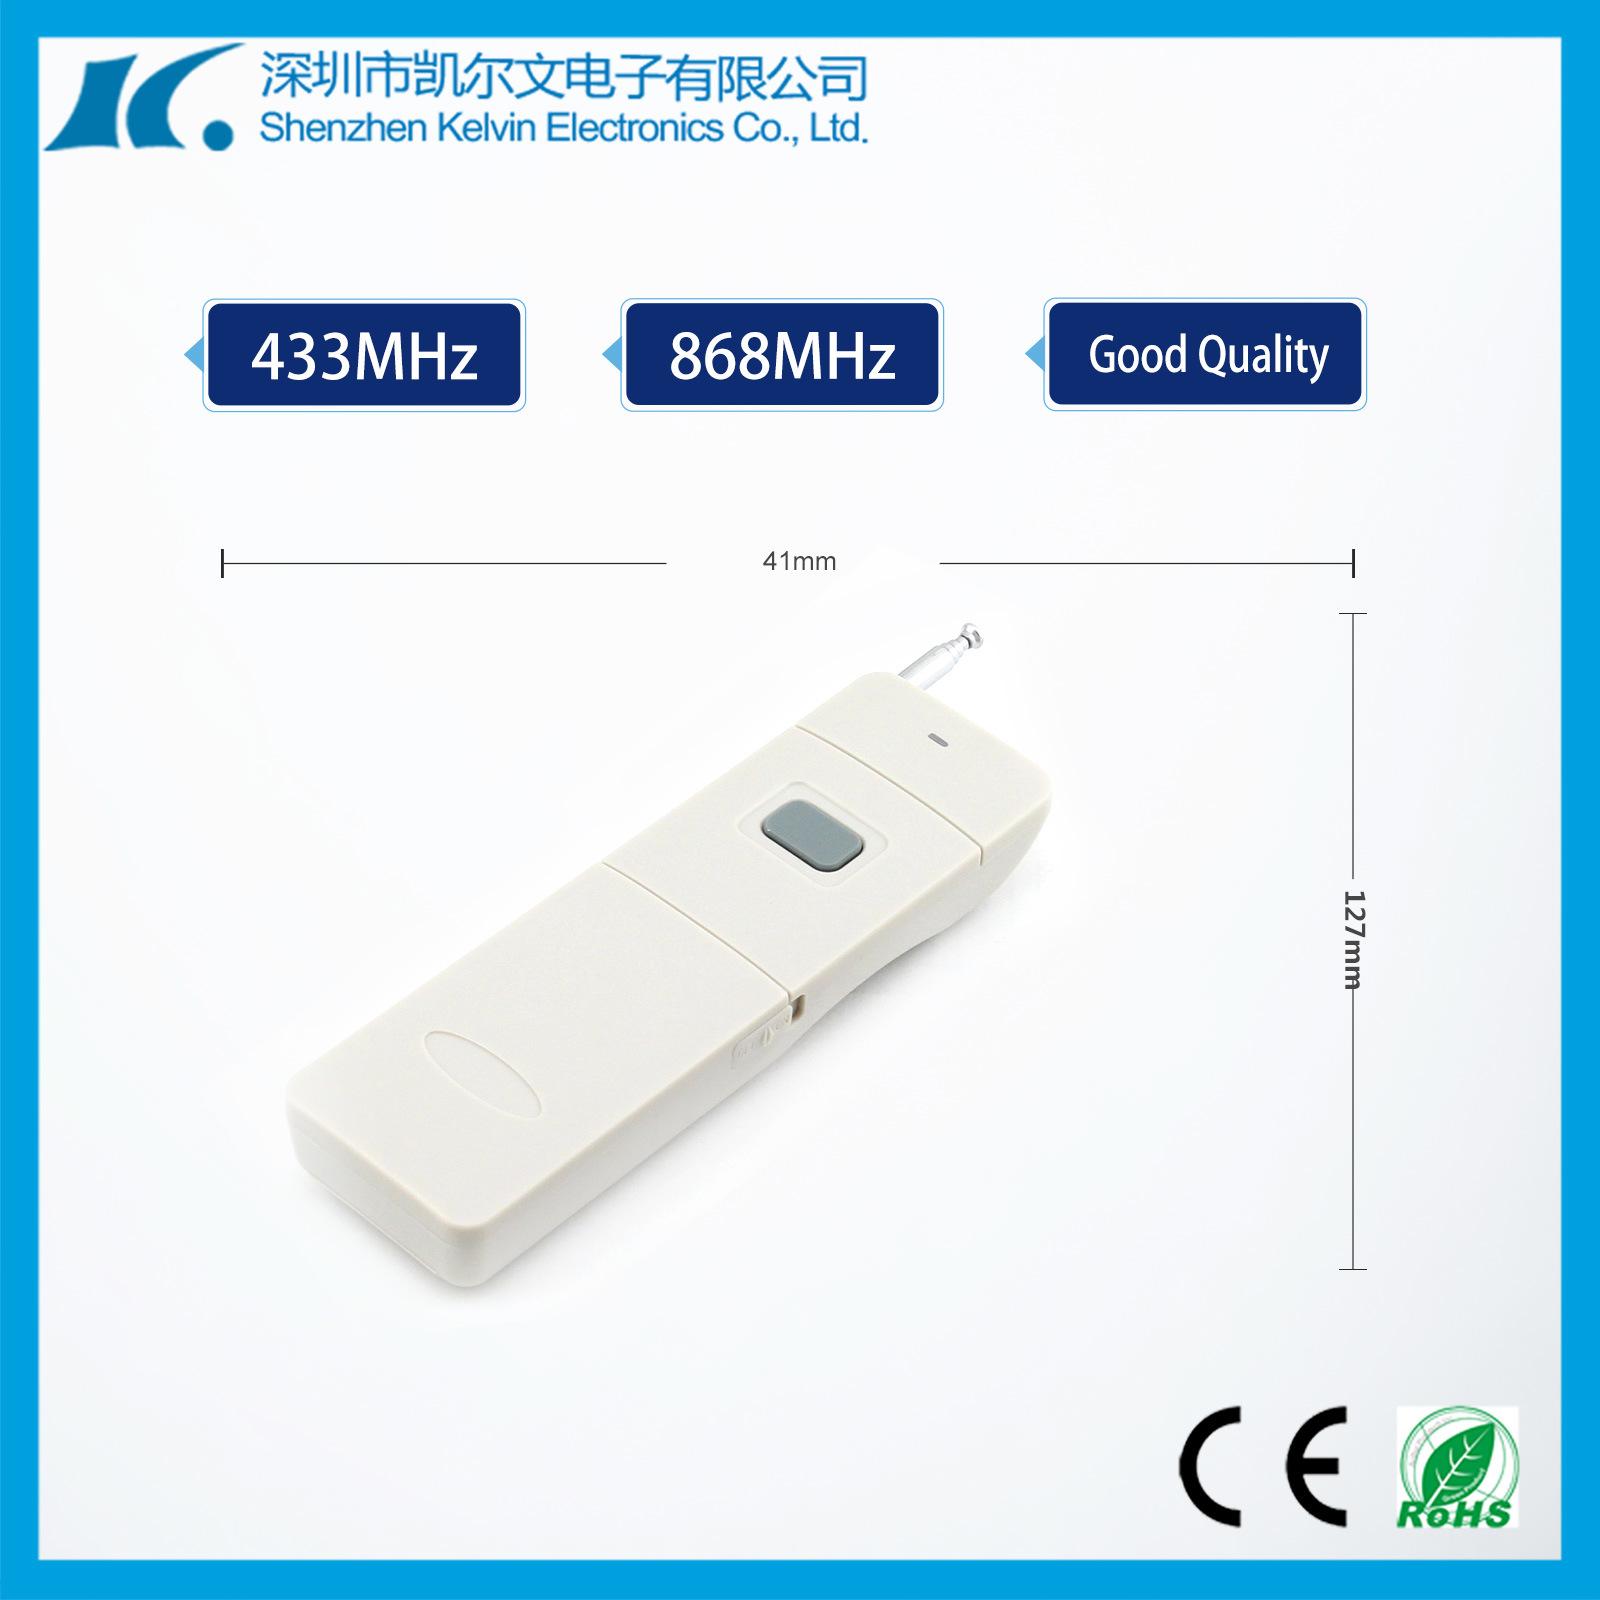 5km Univesal Wireless RF Lora Remote Control Keyfob Kl5000